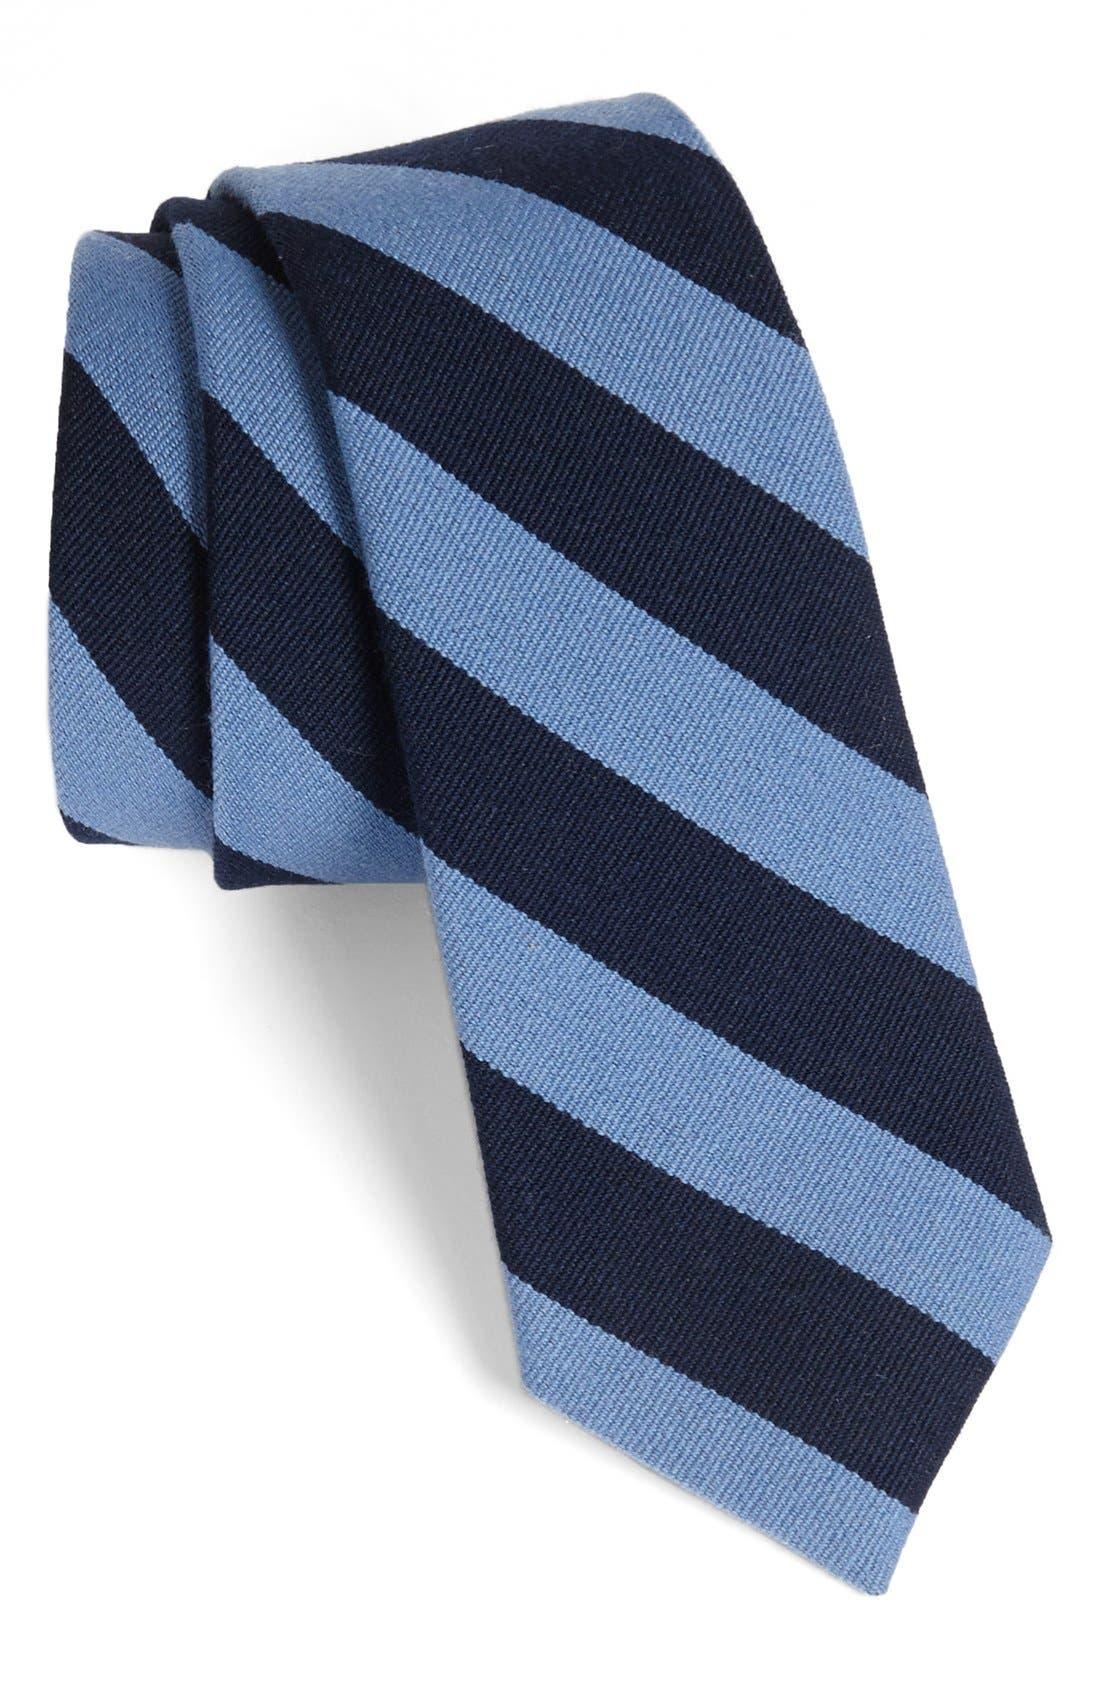 Main Image - Robert Stewart Stripe Tie